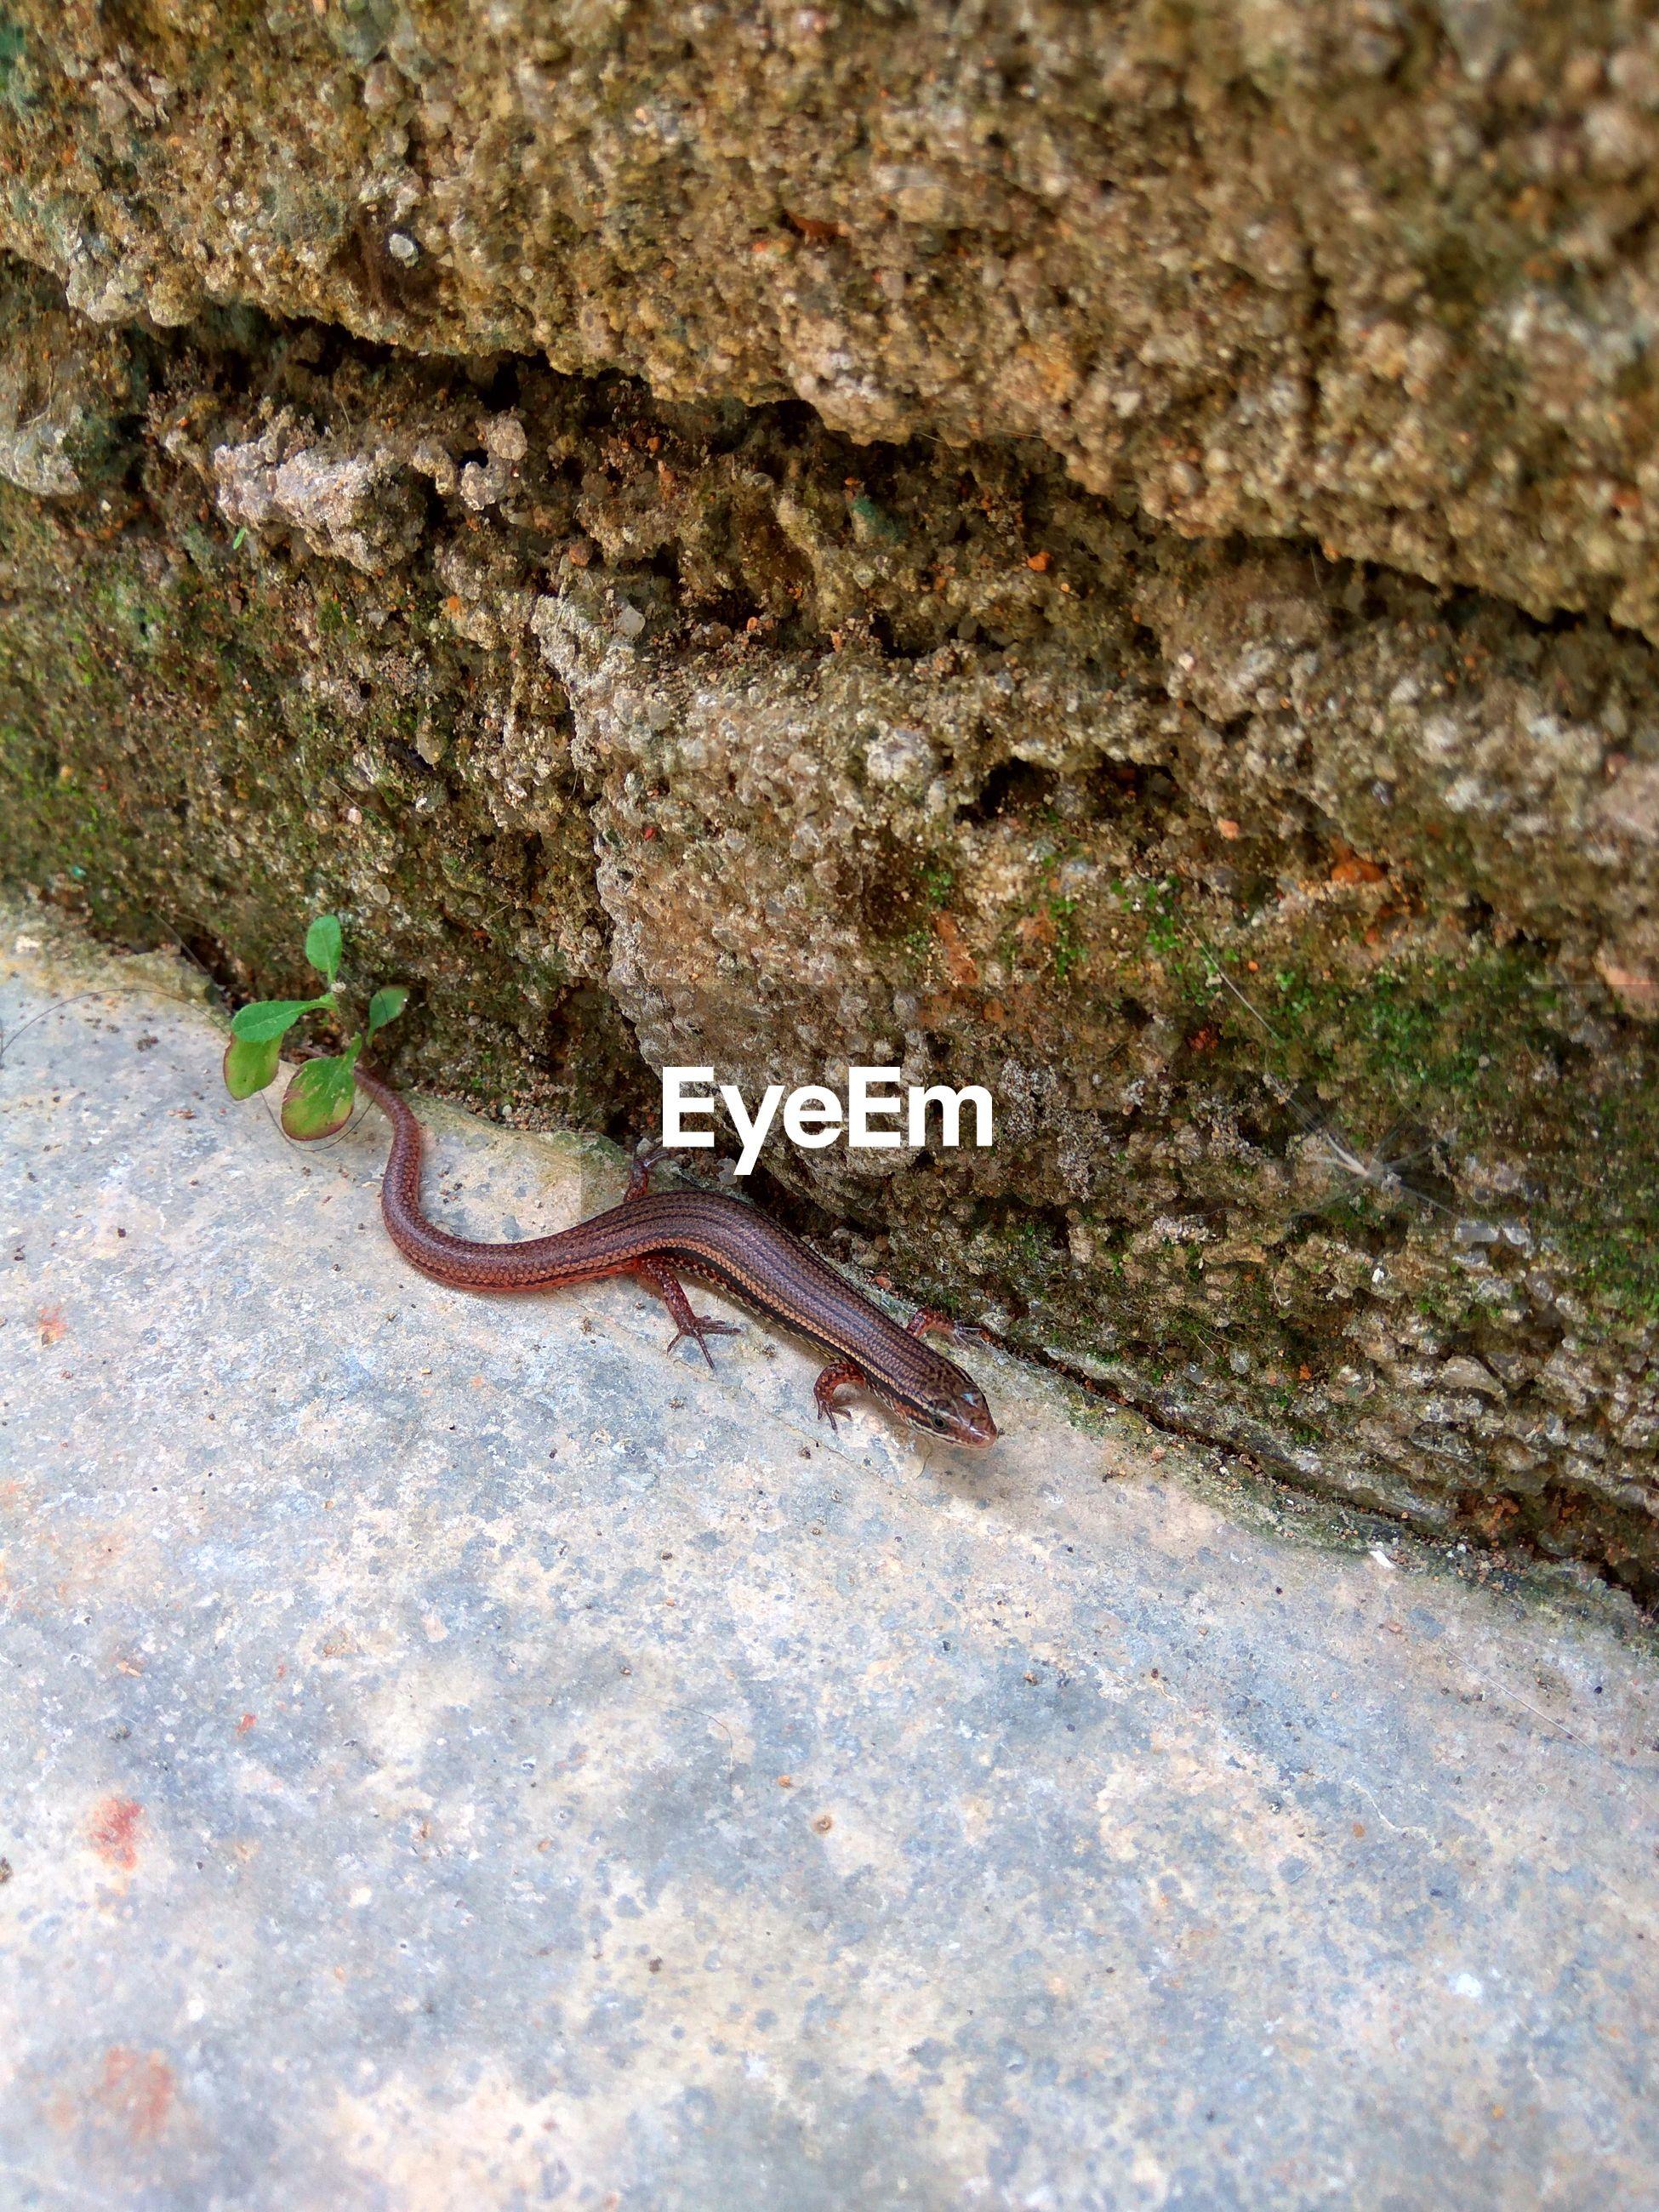 Lizard crawling on footpath